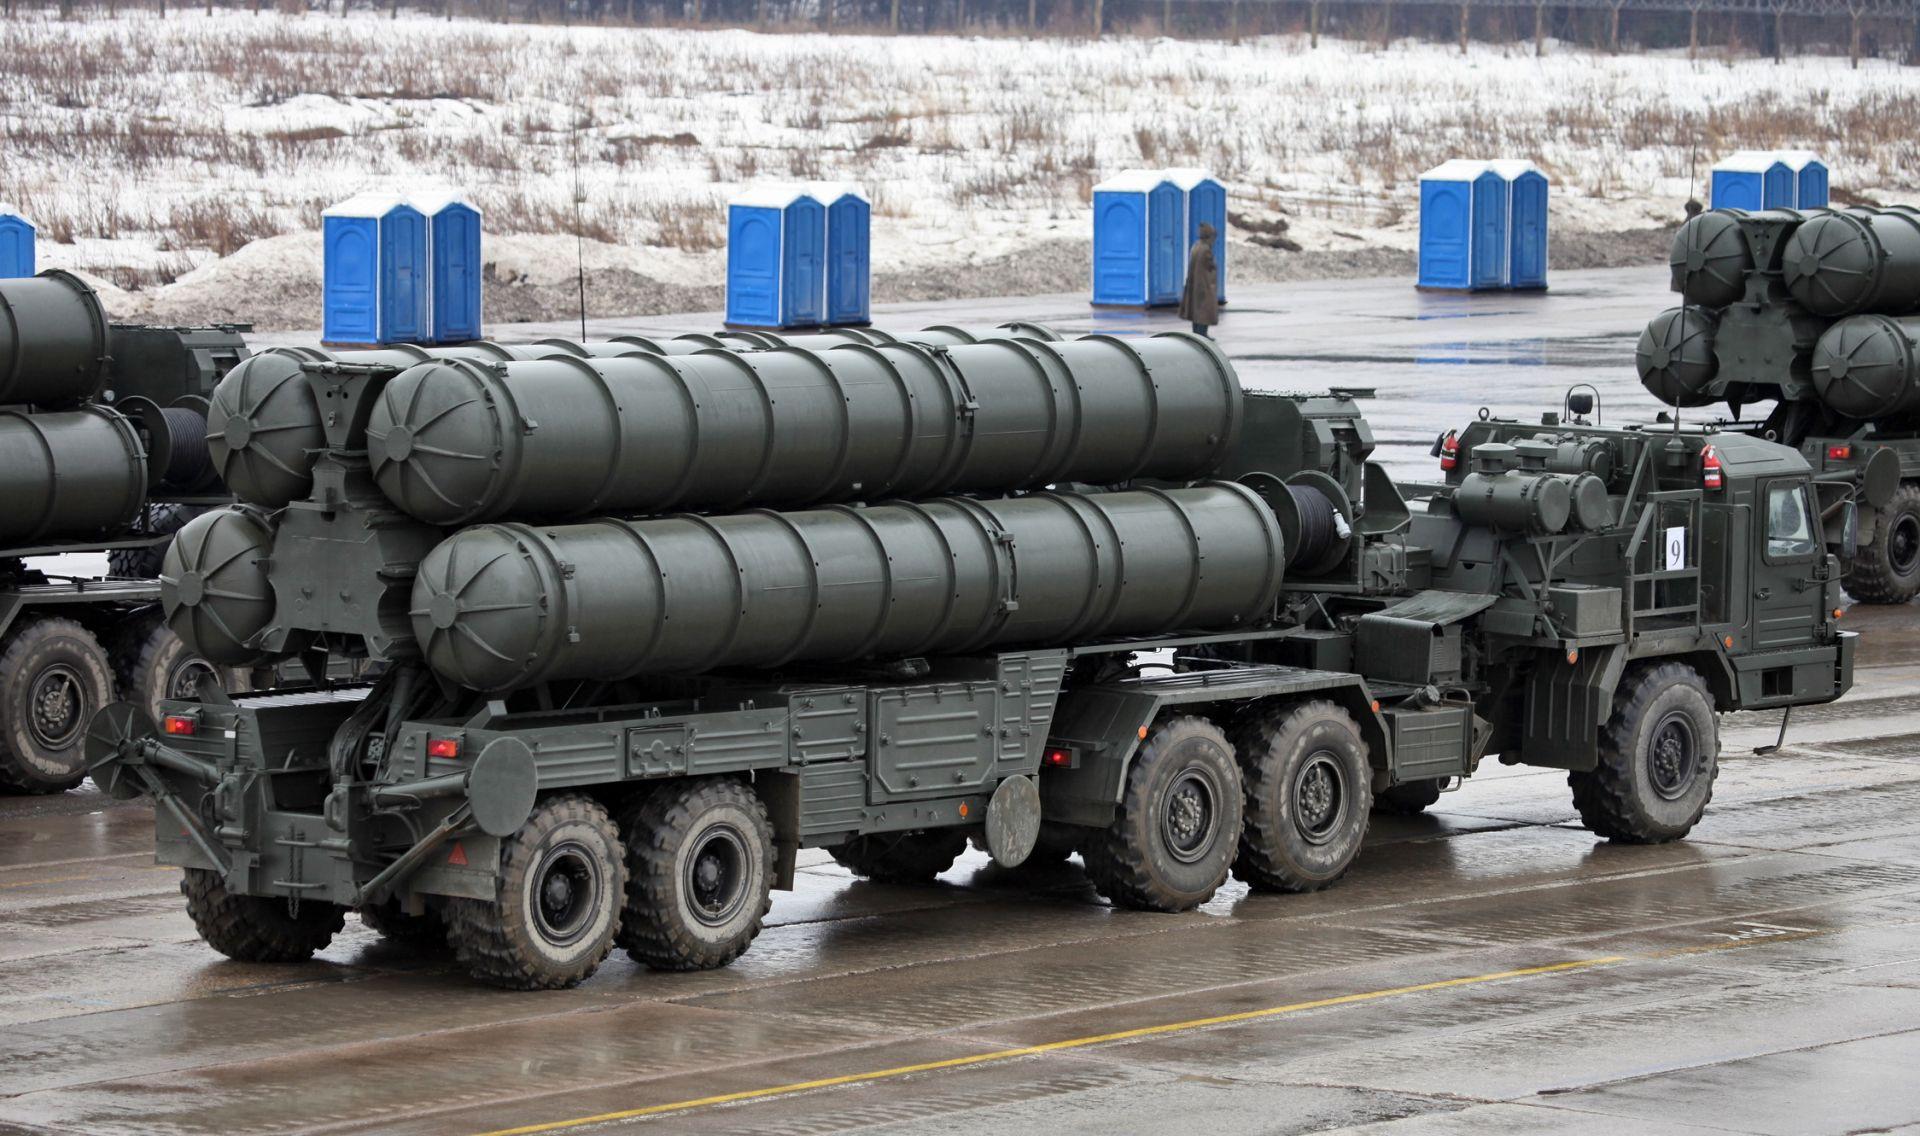 الهند تضرب الولايات المتحدة بصواريخ إس-400